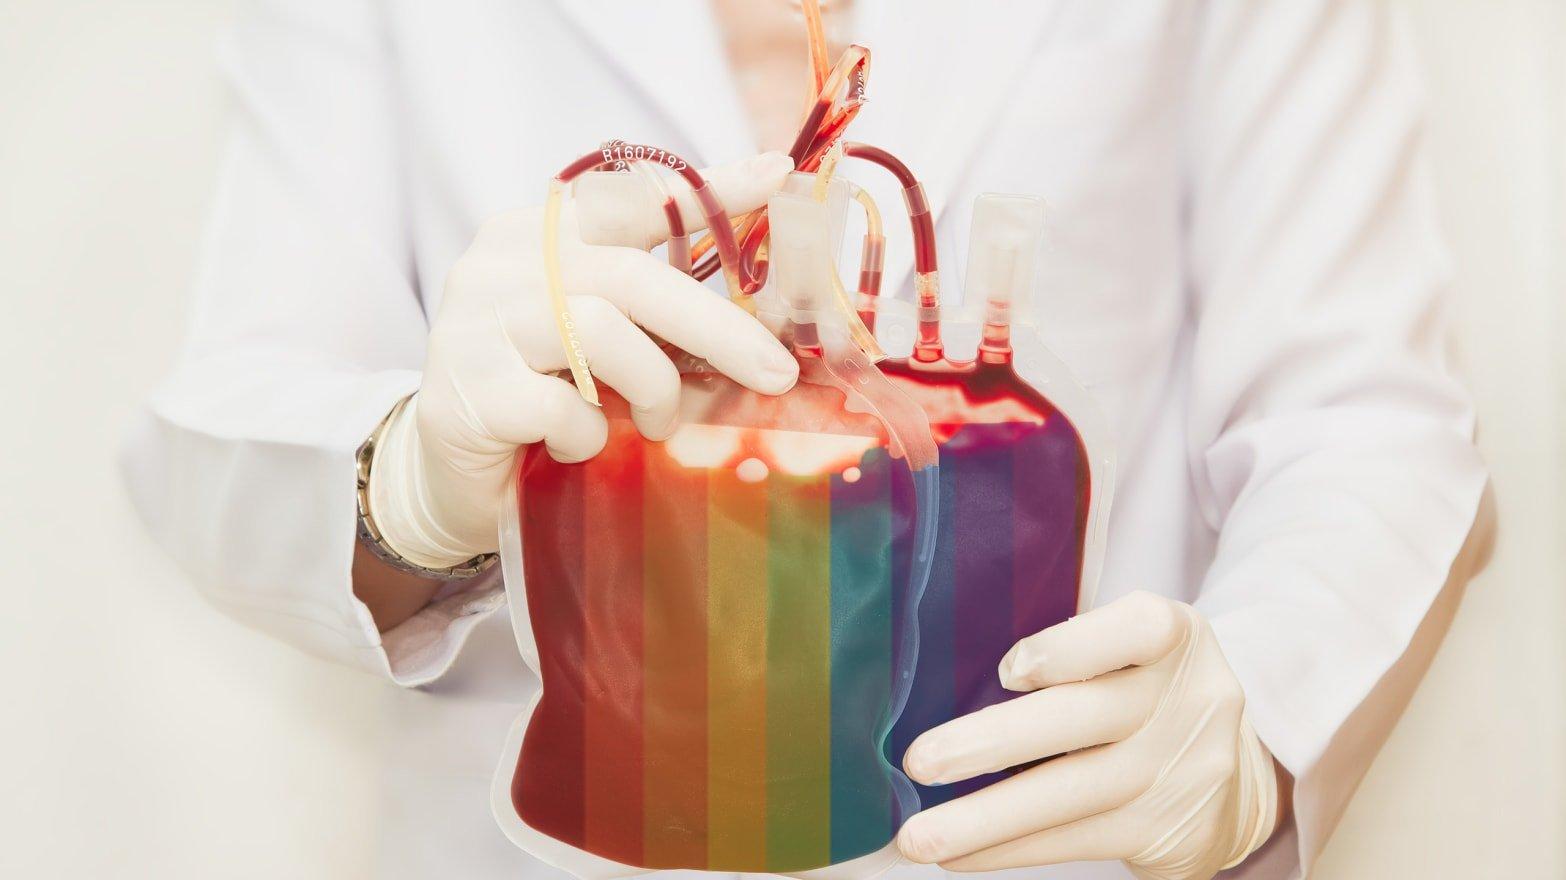 Ισραήλ αιμοδοσία γκέι μπάι